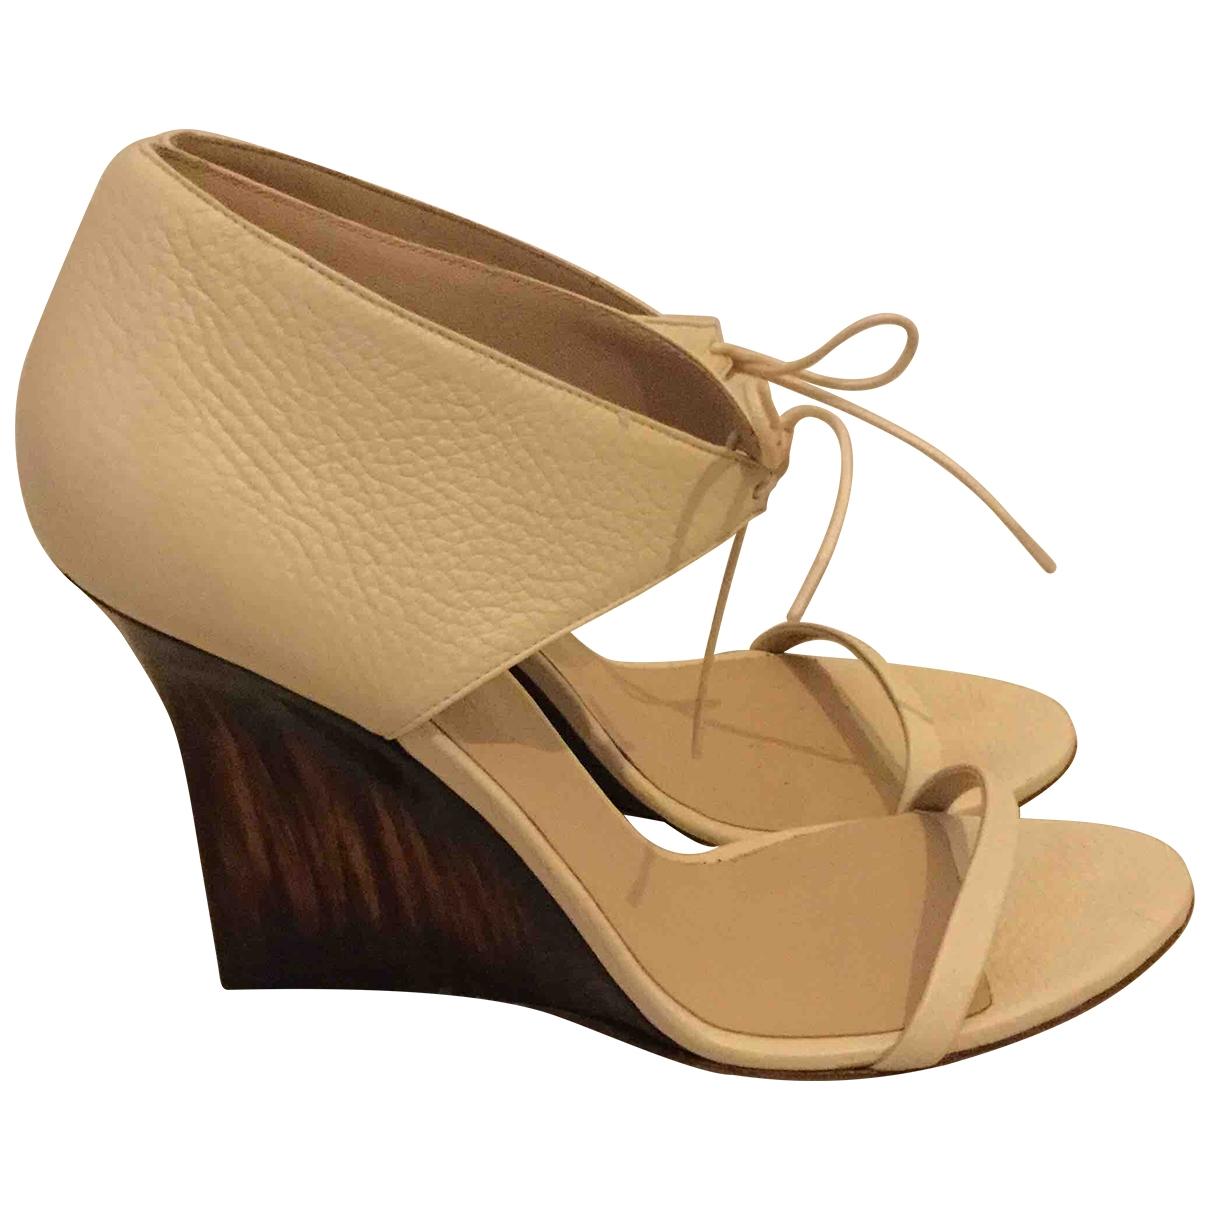 Burberry - Sandales   pour femme en cuir - beige